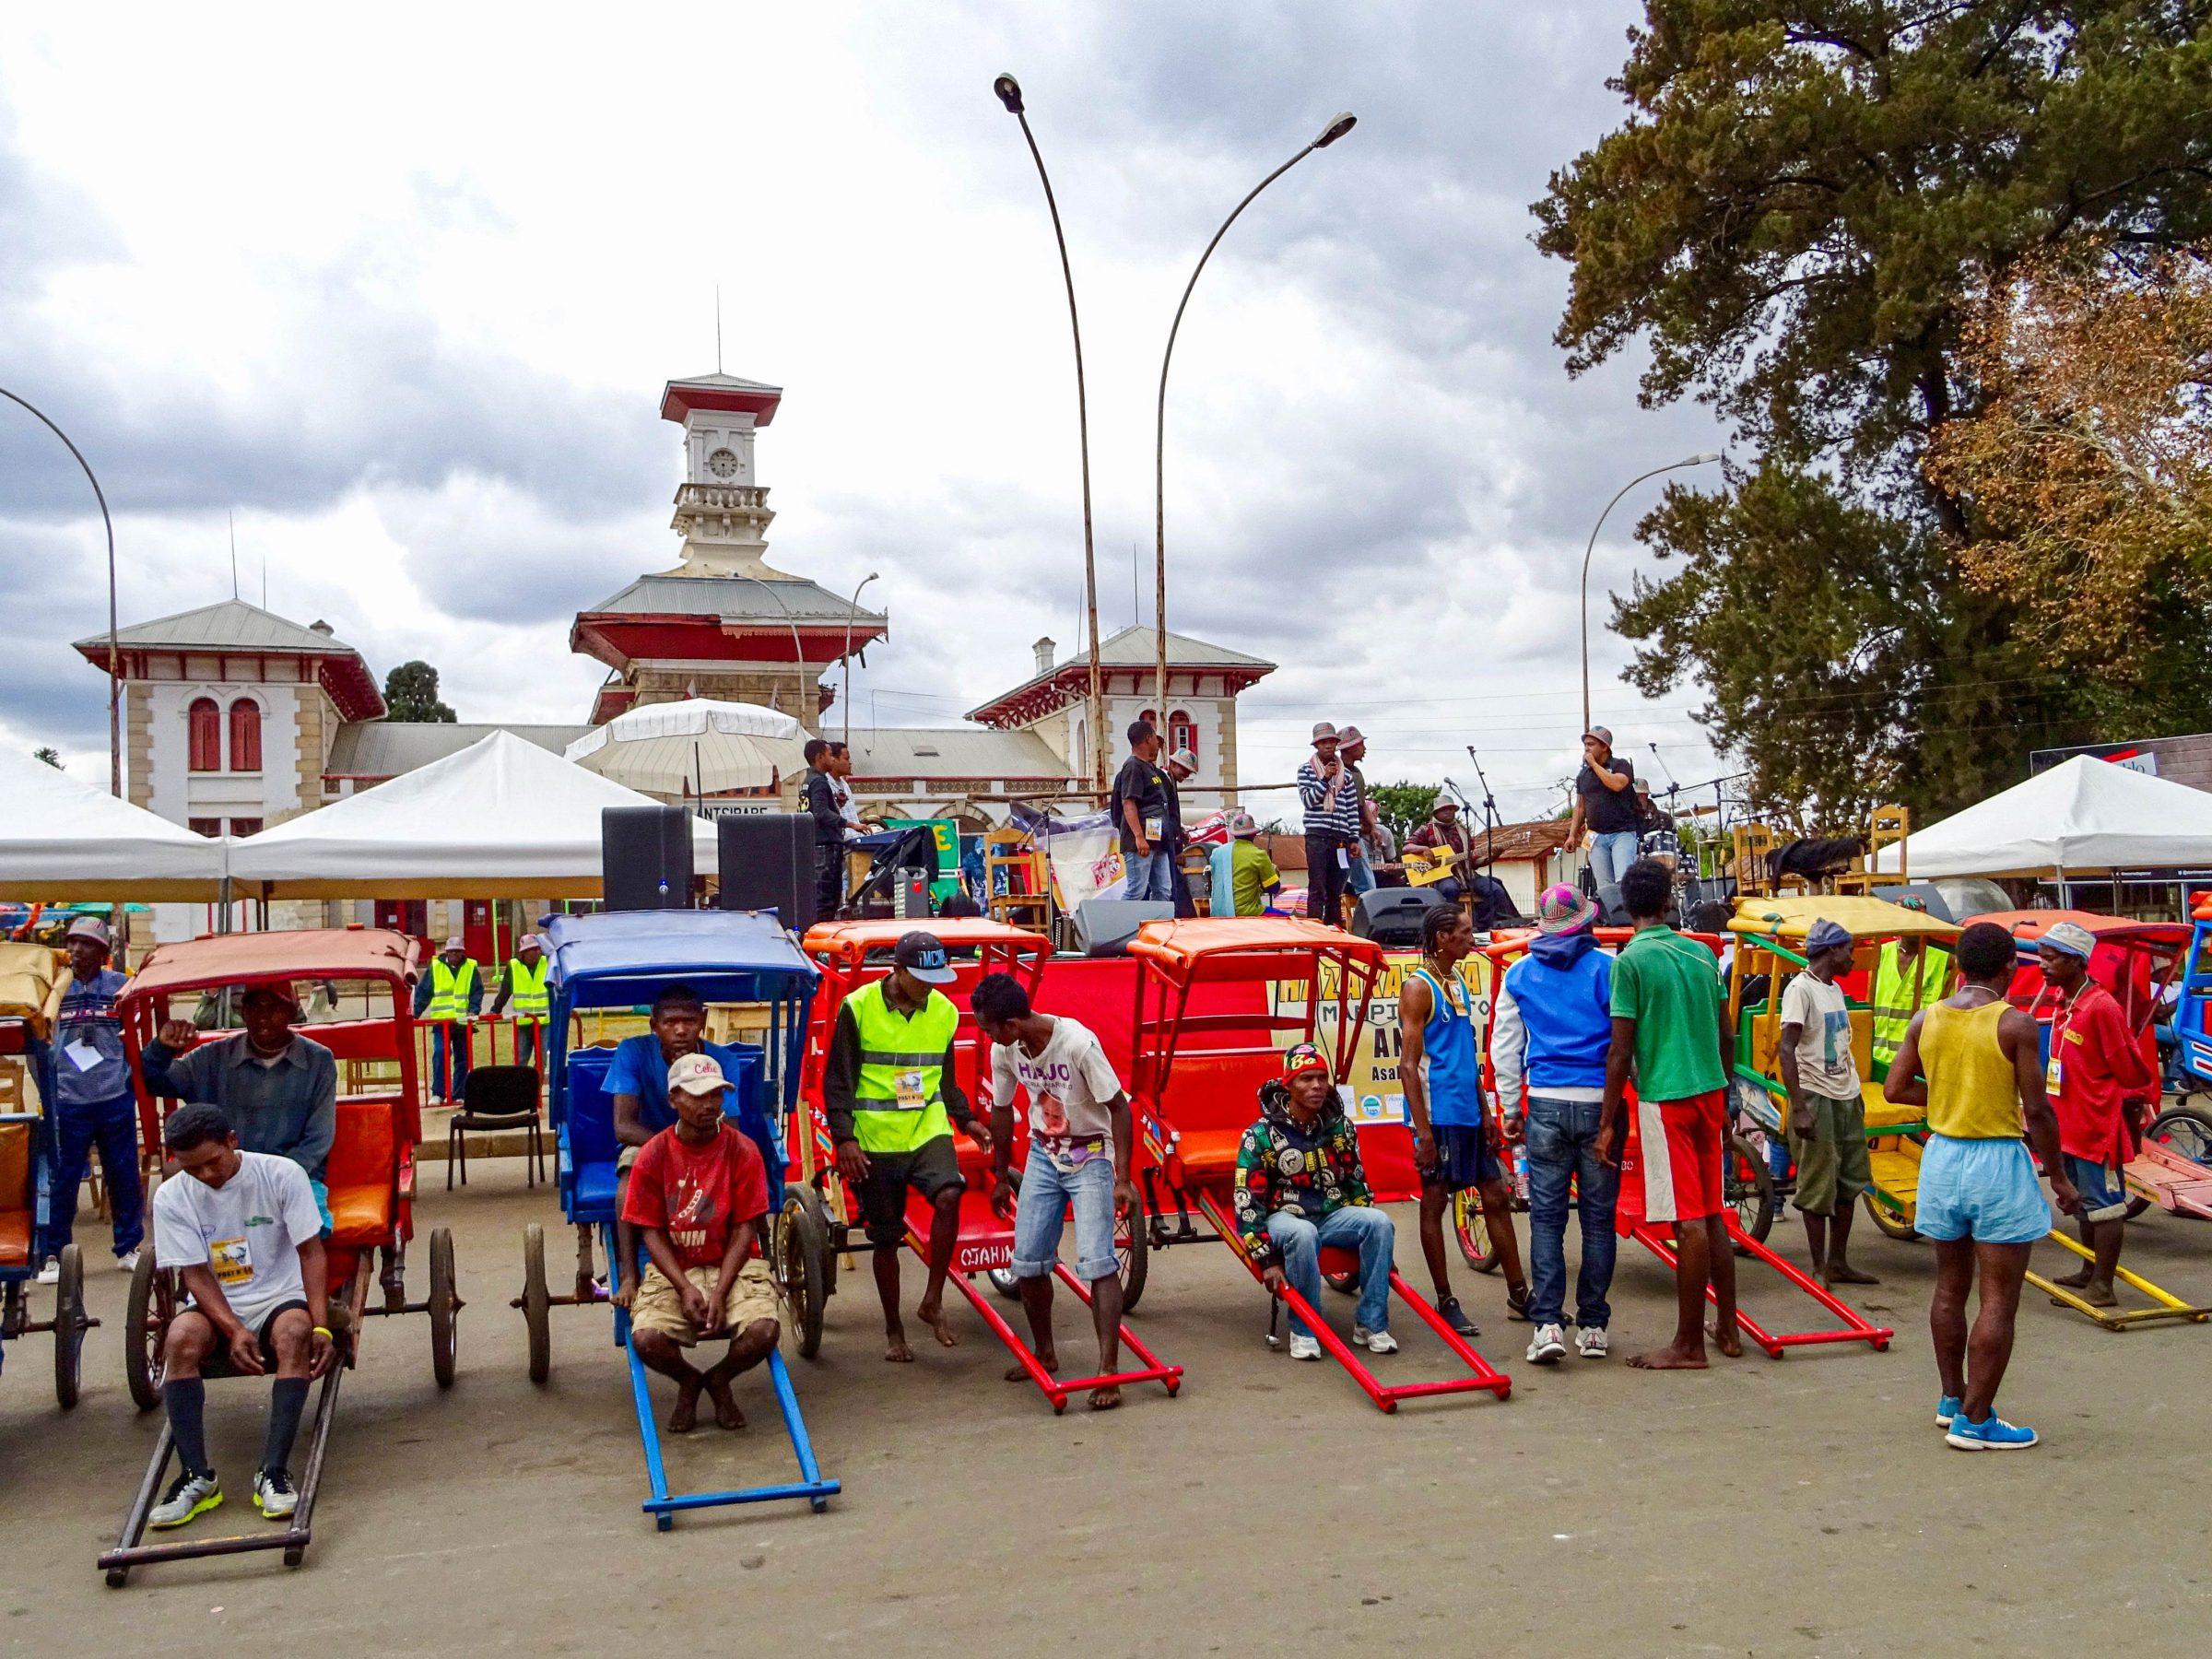 Deelnemers aan de pousse pousse wedstrijd in Antsirabe